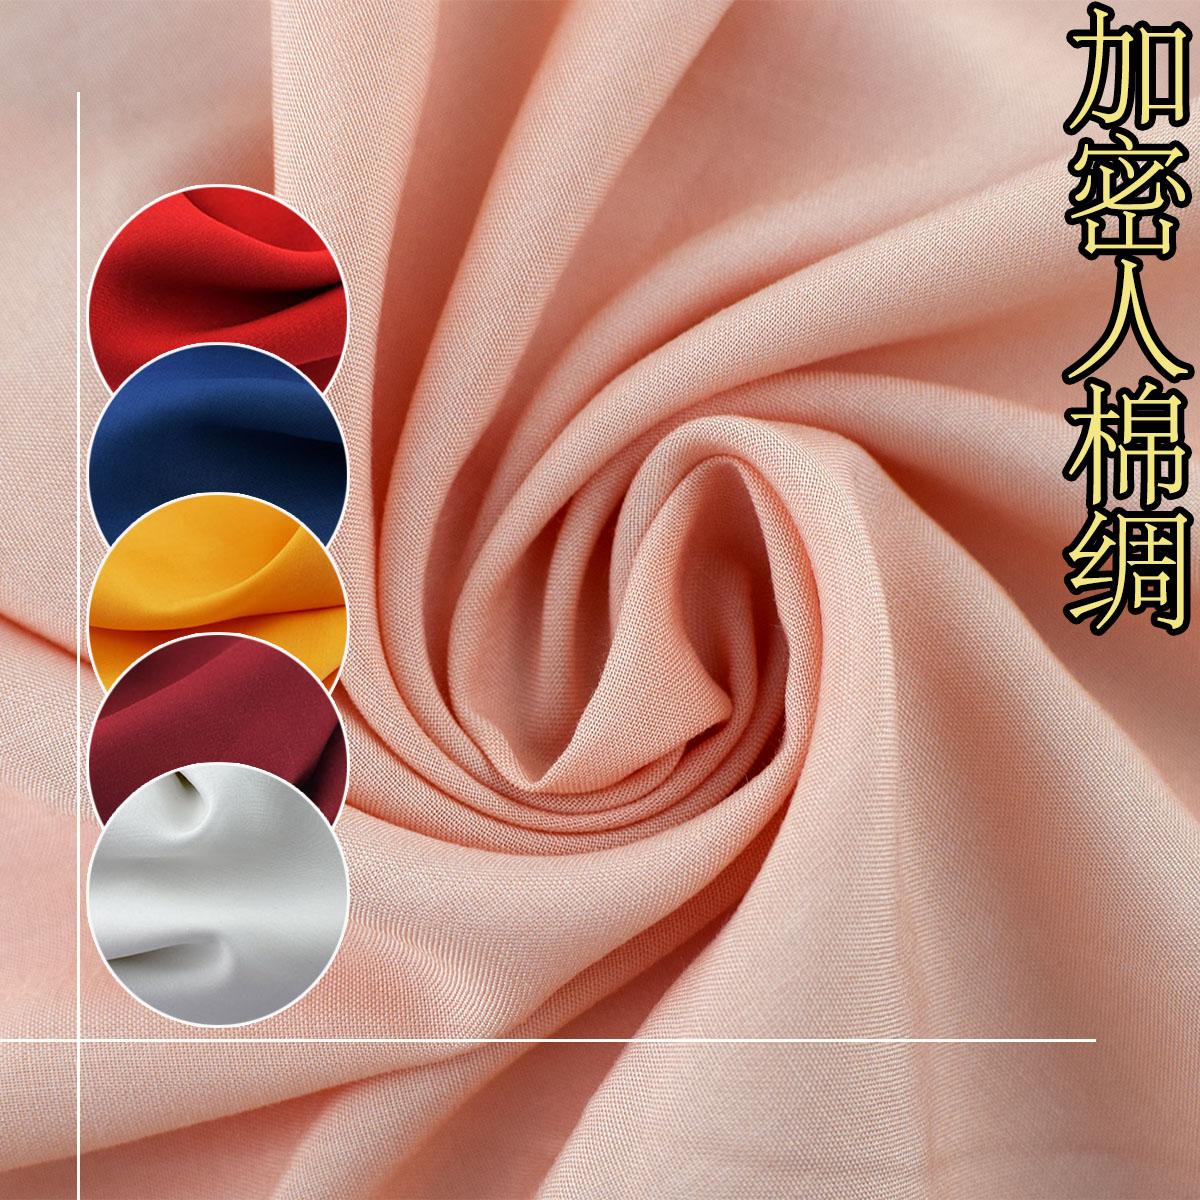 优质加密纯色人造棉布料 高密度棉绸绵绸布 柔软裙子睡衣t恤面料